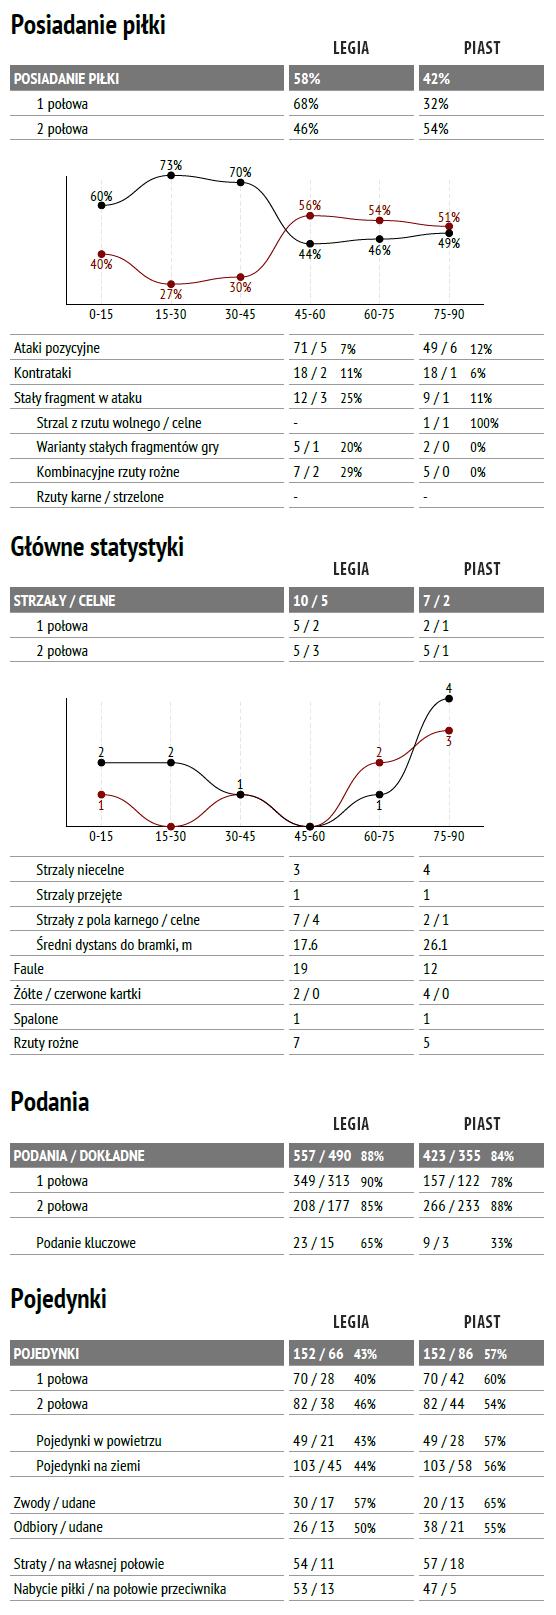 fot. InStat / Ekstraklasa